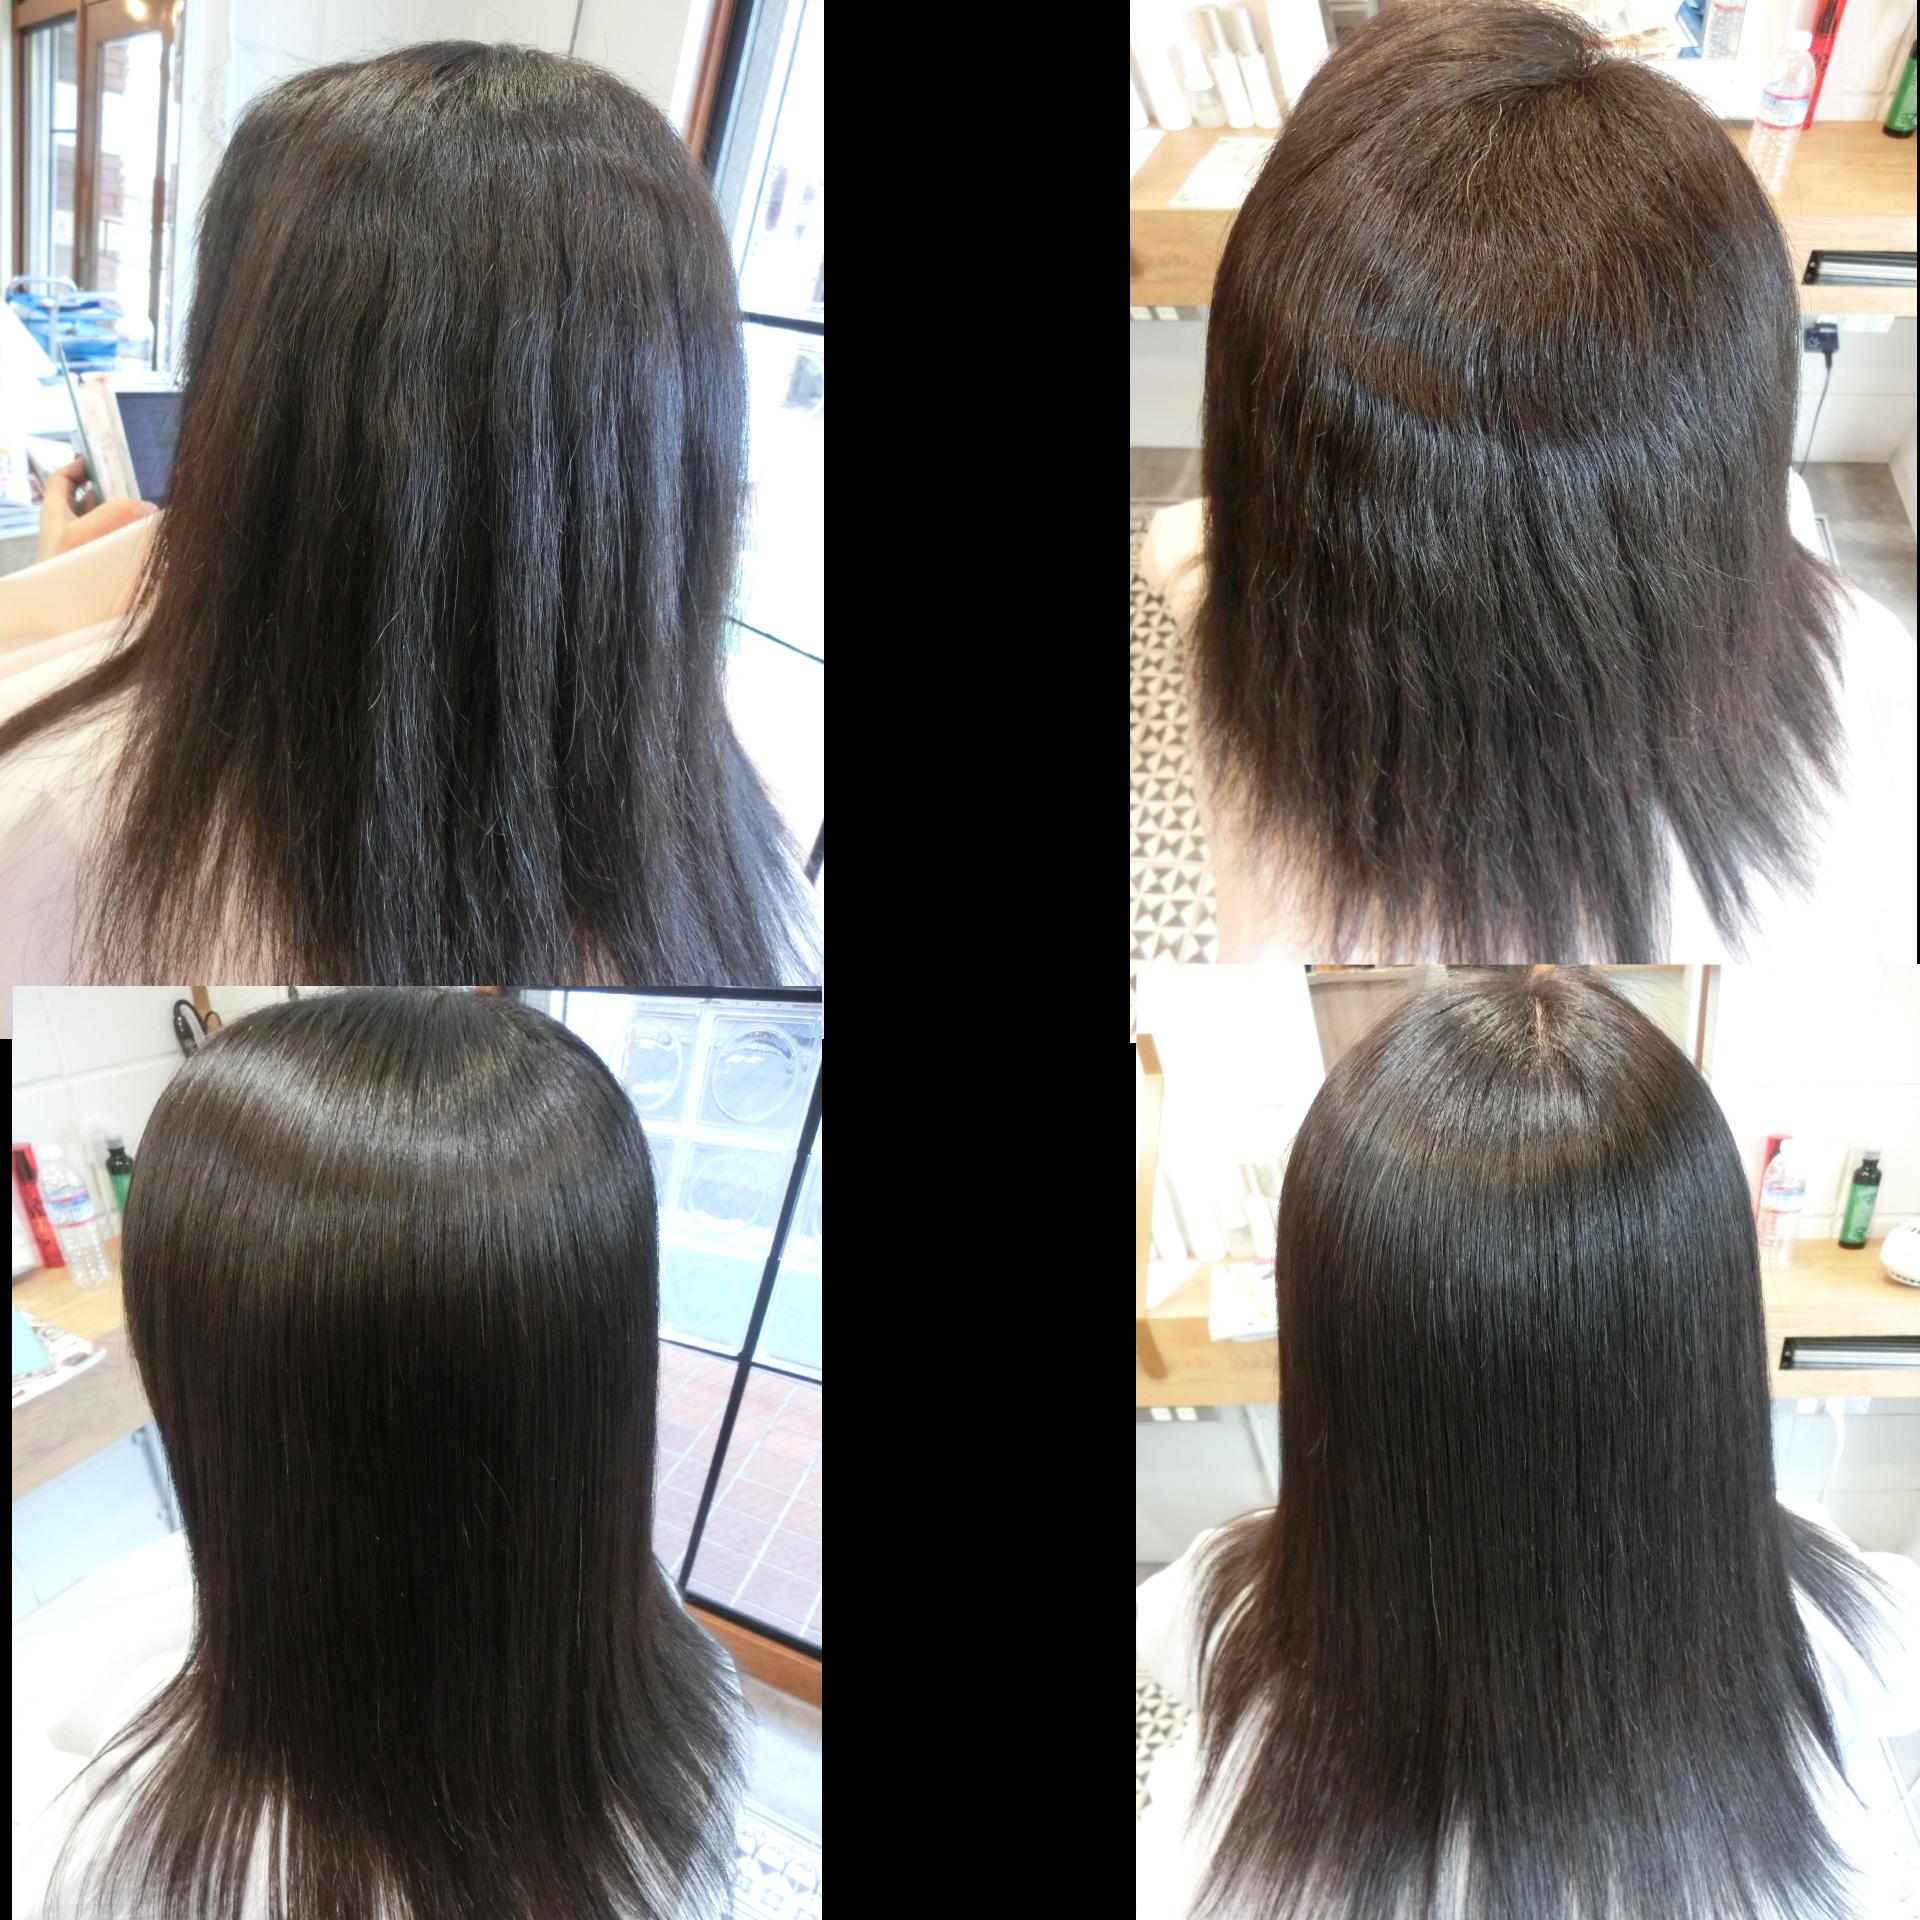 美髪髪質改善技術アクアシーム